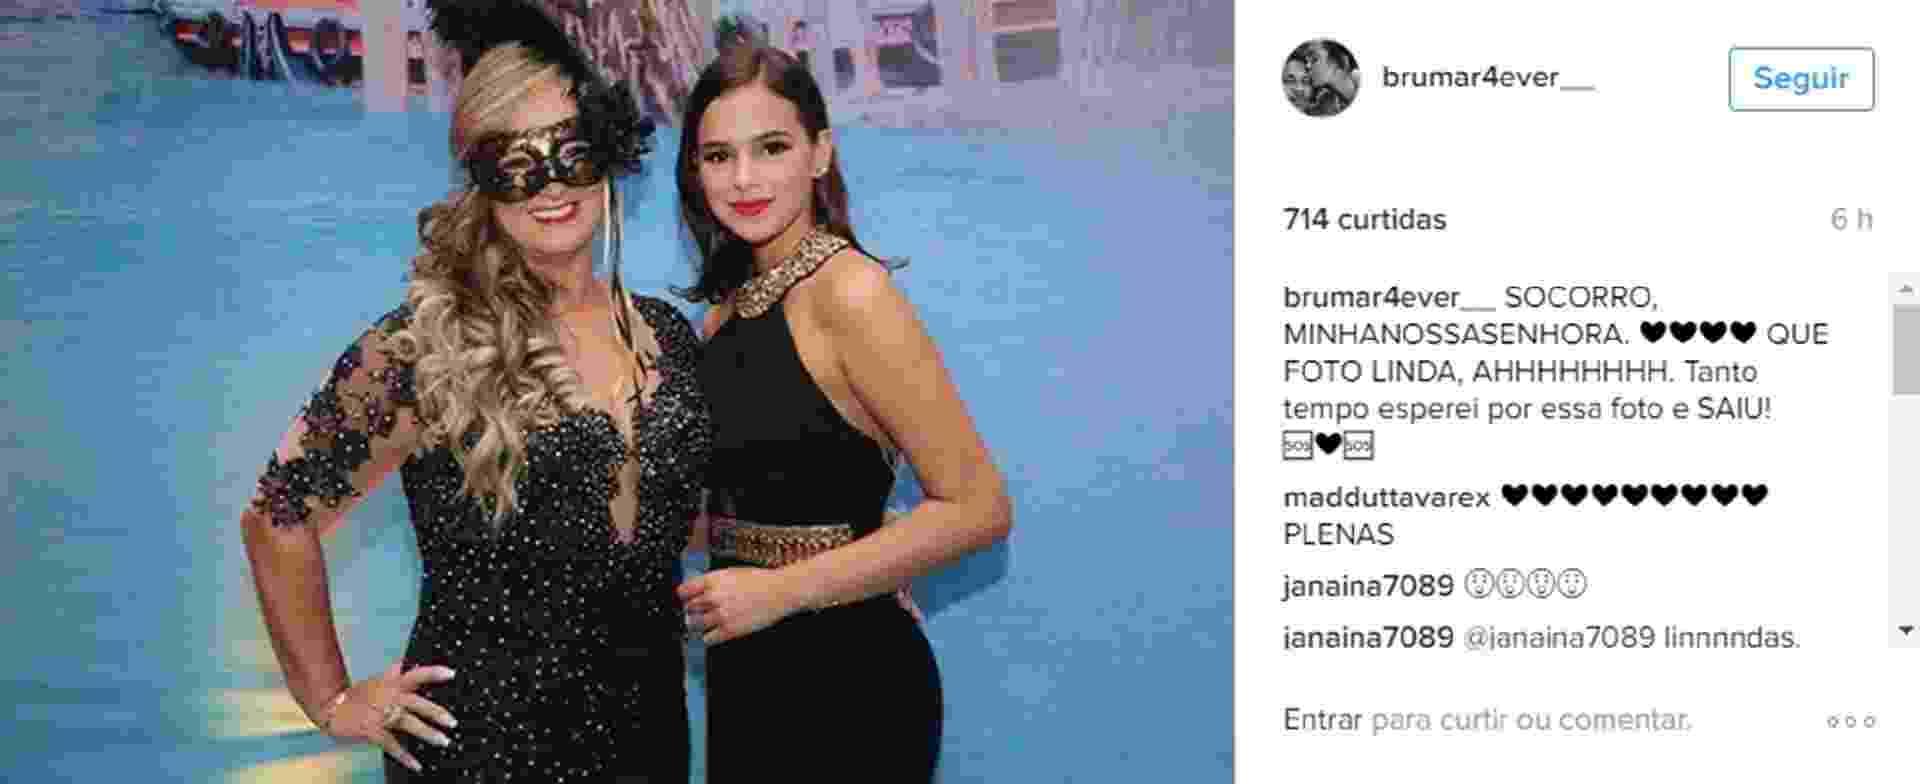 Bruna Marquezine posa com a sogra, Nadine, que deu uma festona para comemorar seus 50 anos - Reprodução/Instagram